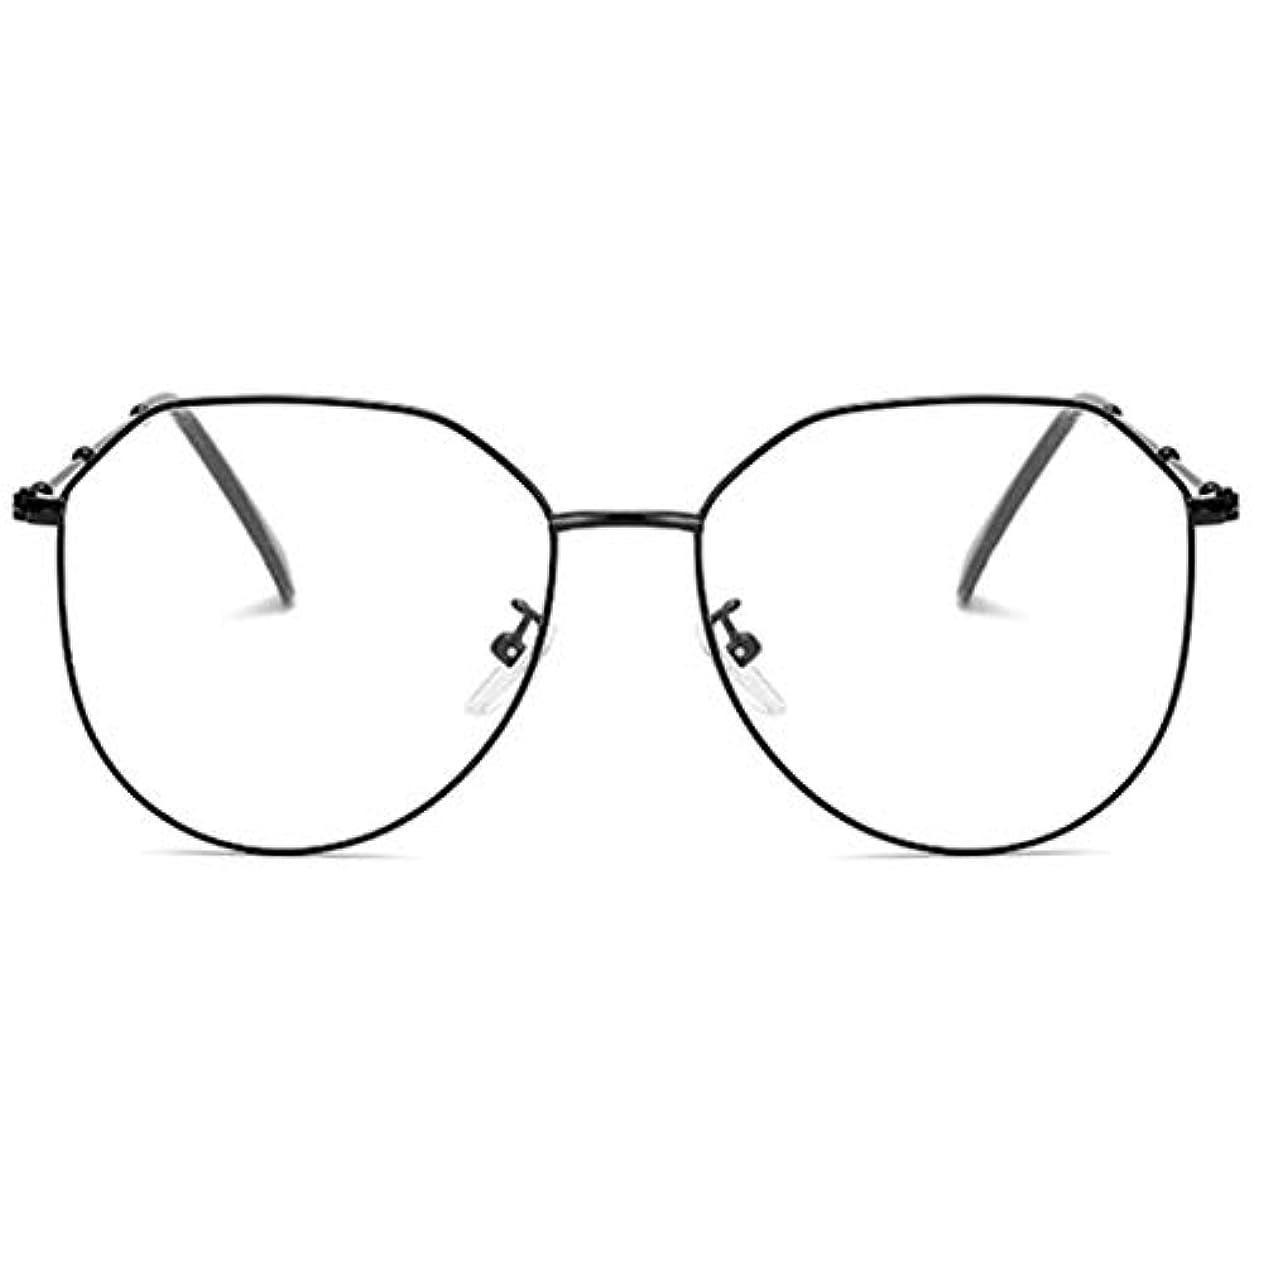 出会い散歩に行く工業化する放射線防護アンチブルーライト男性女性メガネ軽量金属フレームプレーンミラーレンズアイウェアメガネ-ブラック